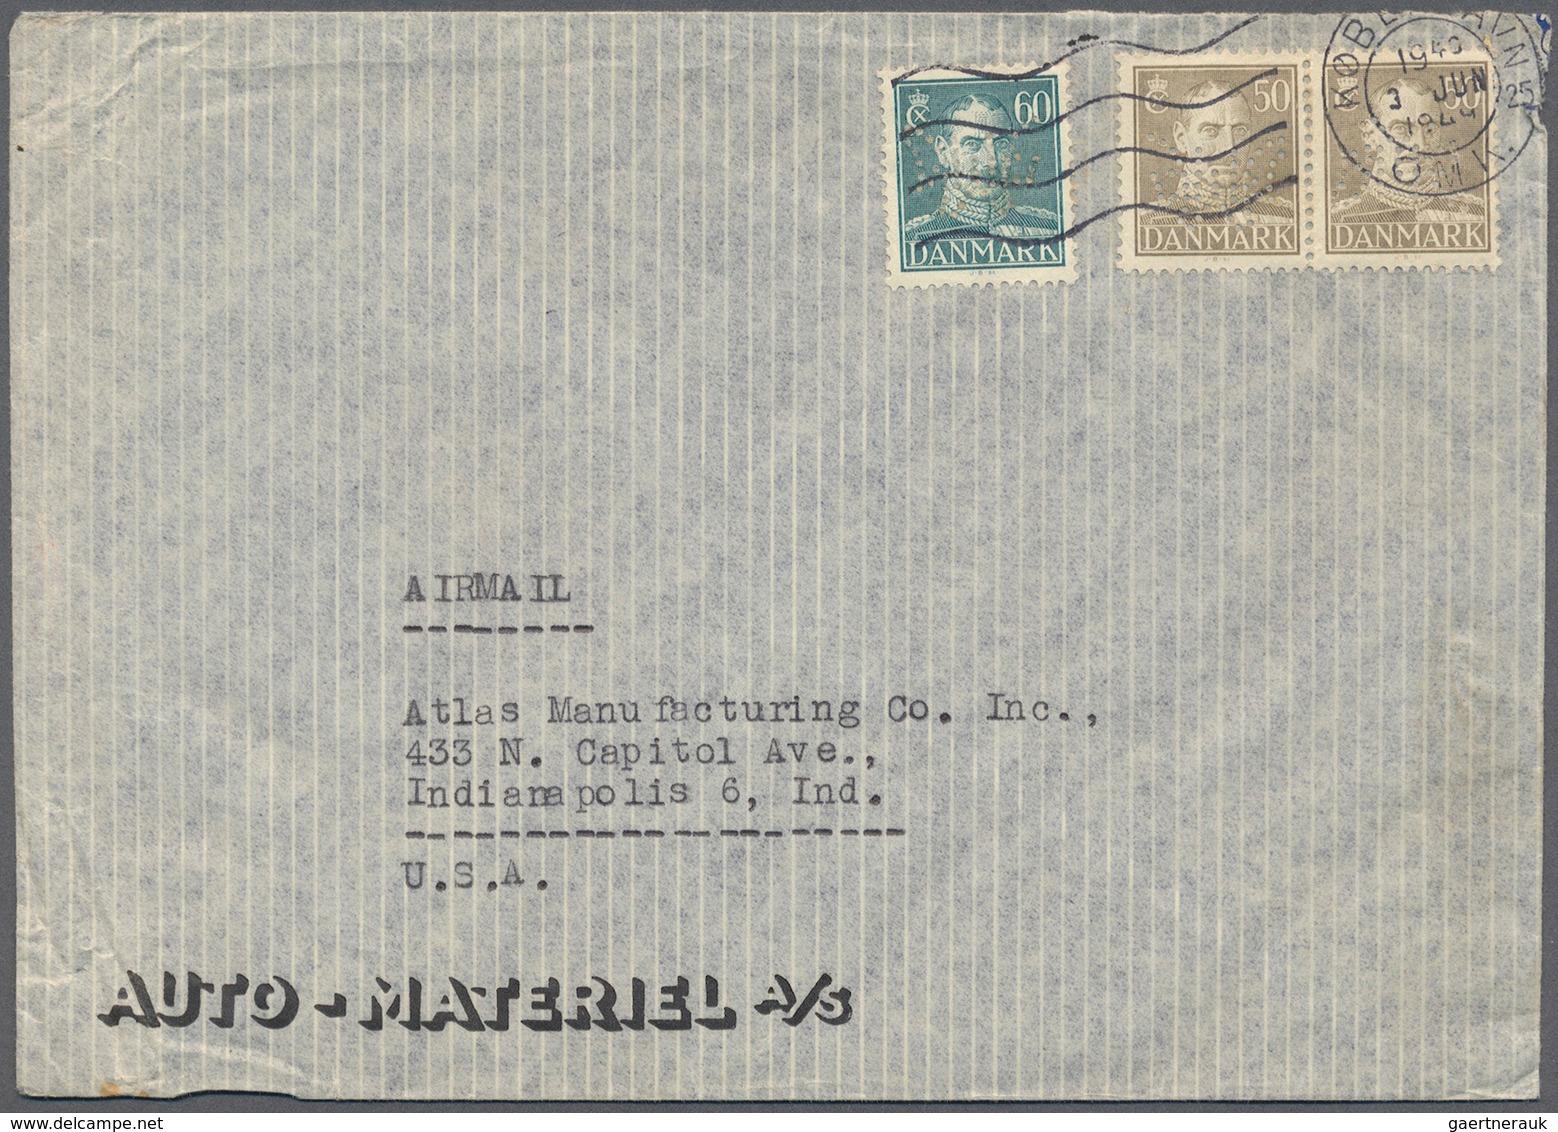 Dänemark: 1890 (ab), Dabei Interessante Ganzsachen, Flugpost, Alte Ansichtskarten, Perfins U. A. - 1851-63 (Frederik VII)